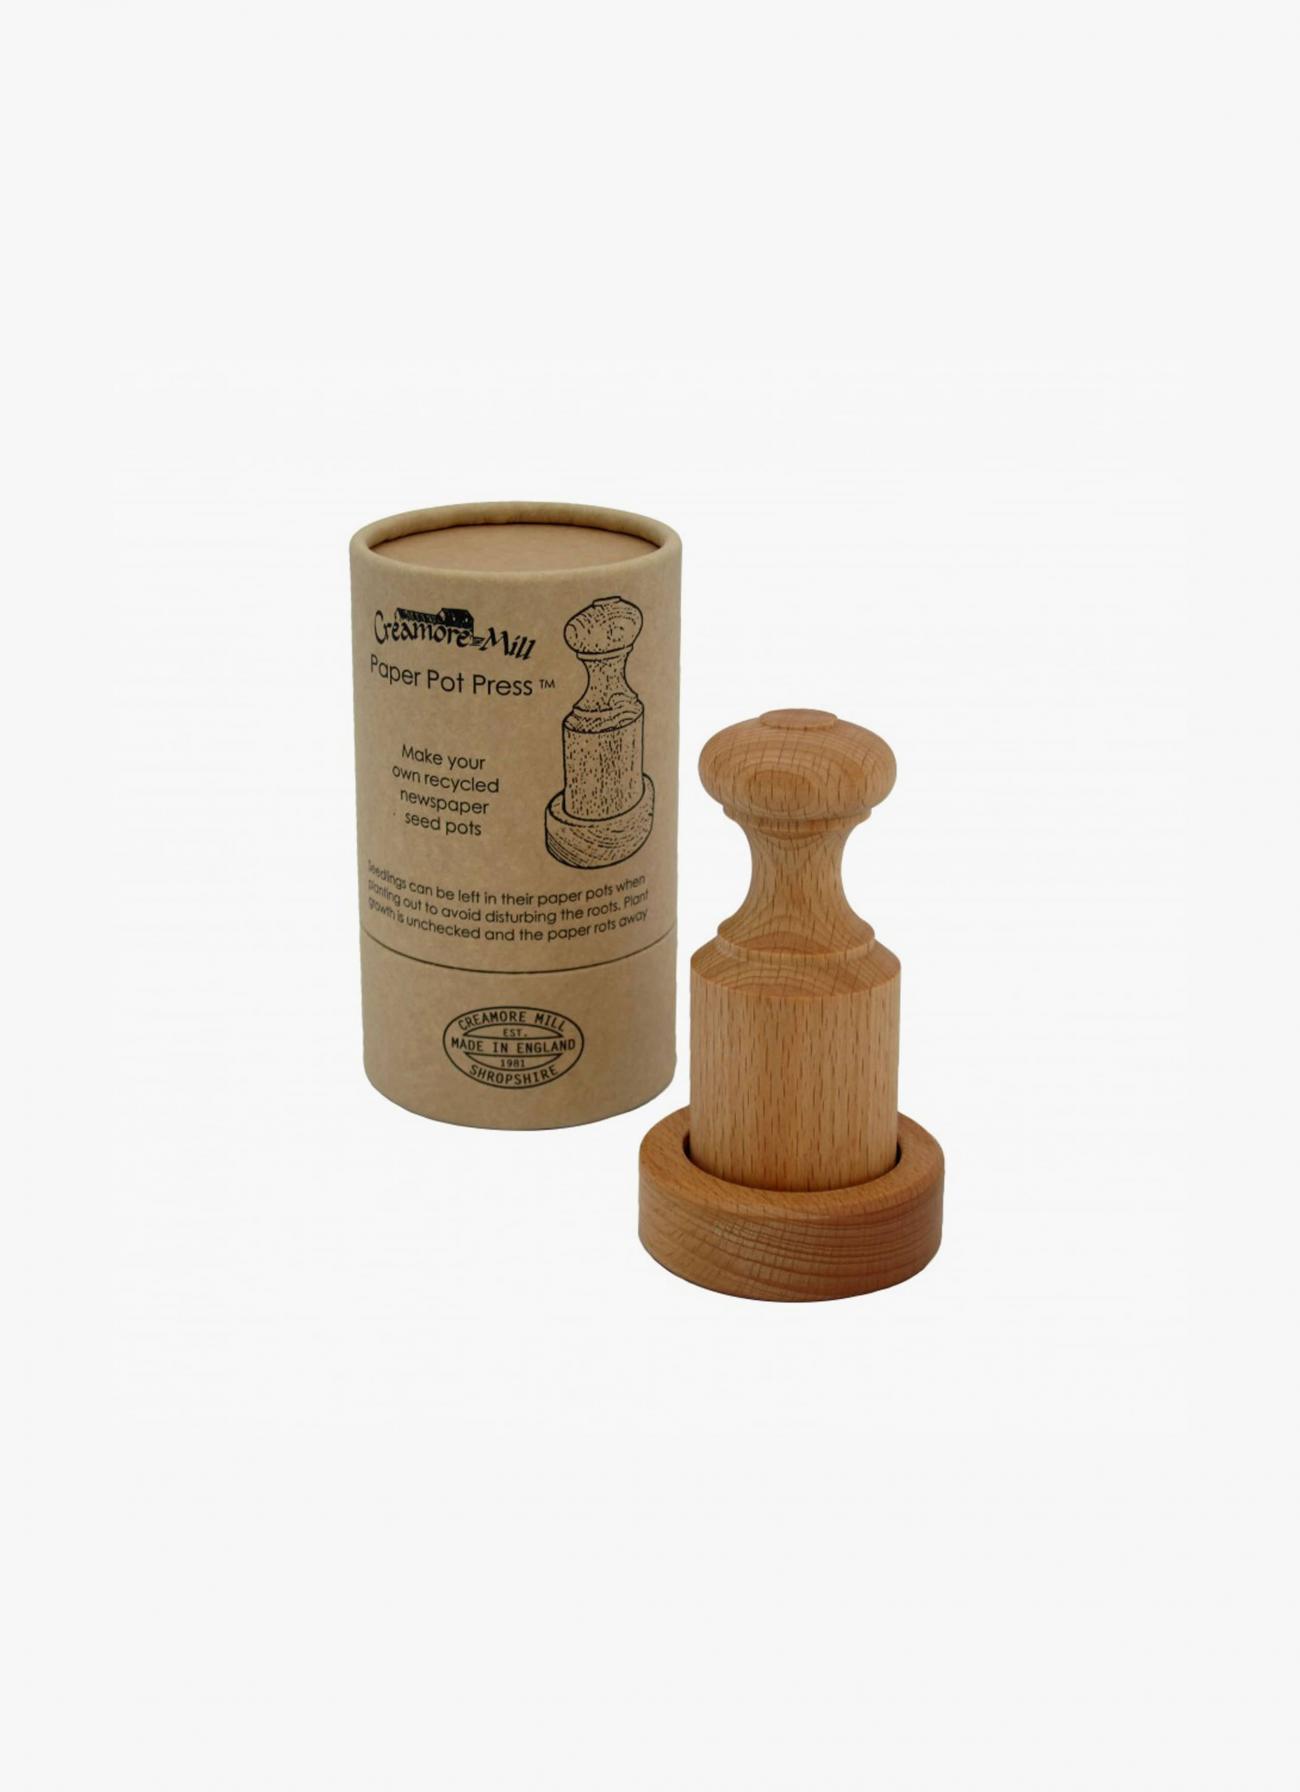 Creamore Mill Paper Pot Press